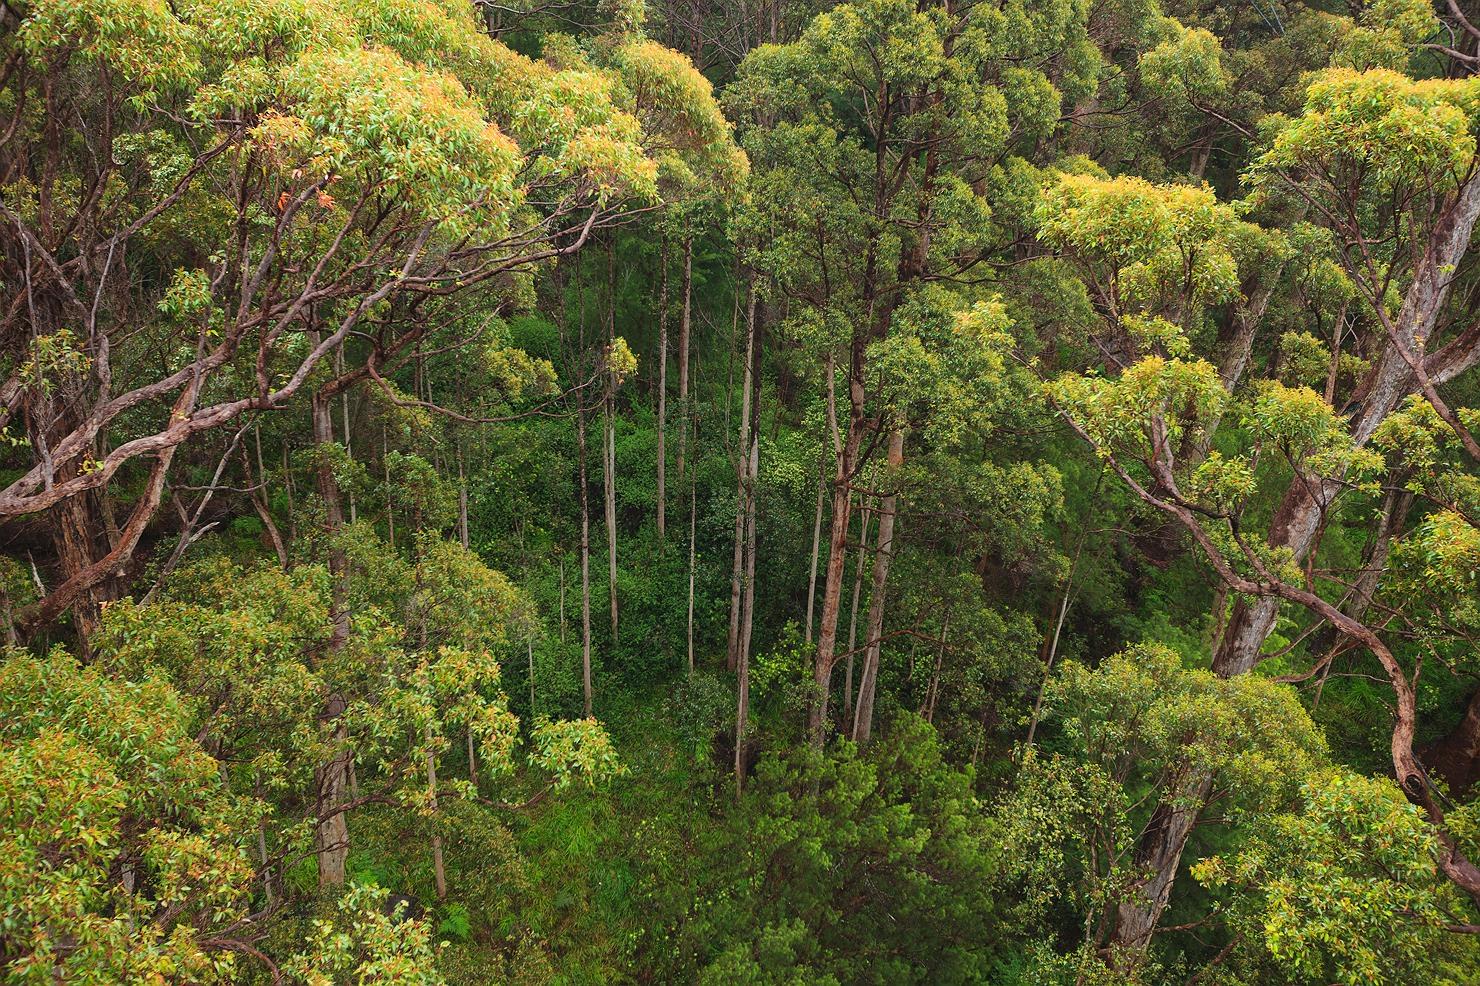 06_pemberton_walpole_forest